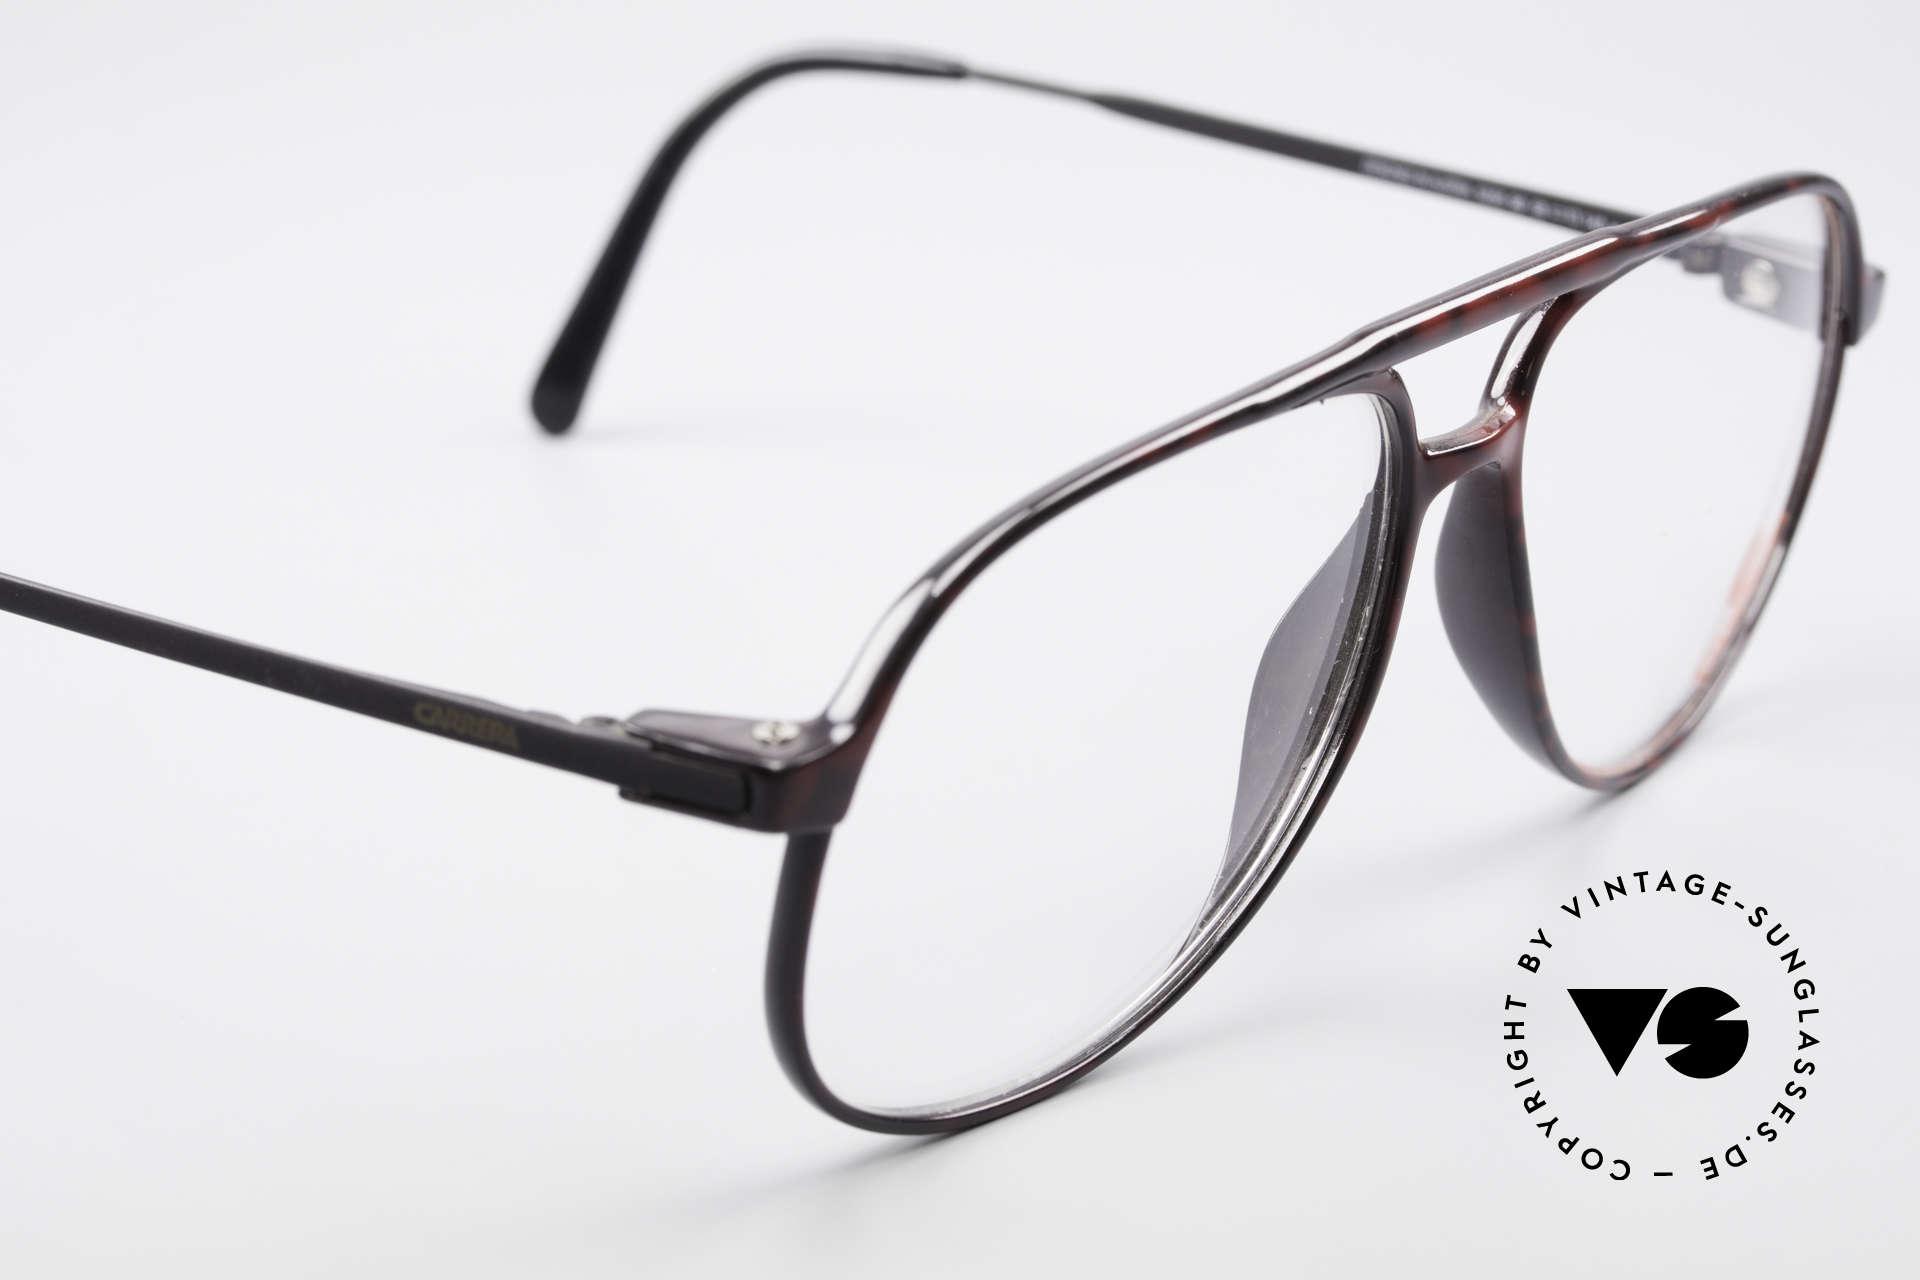 Carrera 5355 Kohlefaser Aviator Brille 90er, noble Kolorierung/Muster in einer Art 'wurzelholz', Passend für Herren